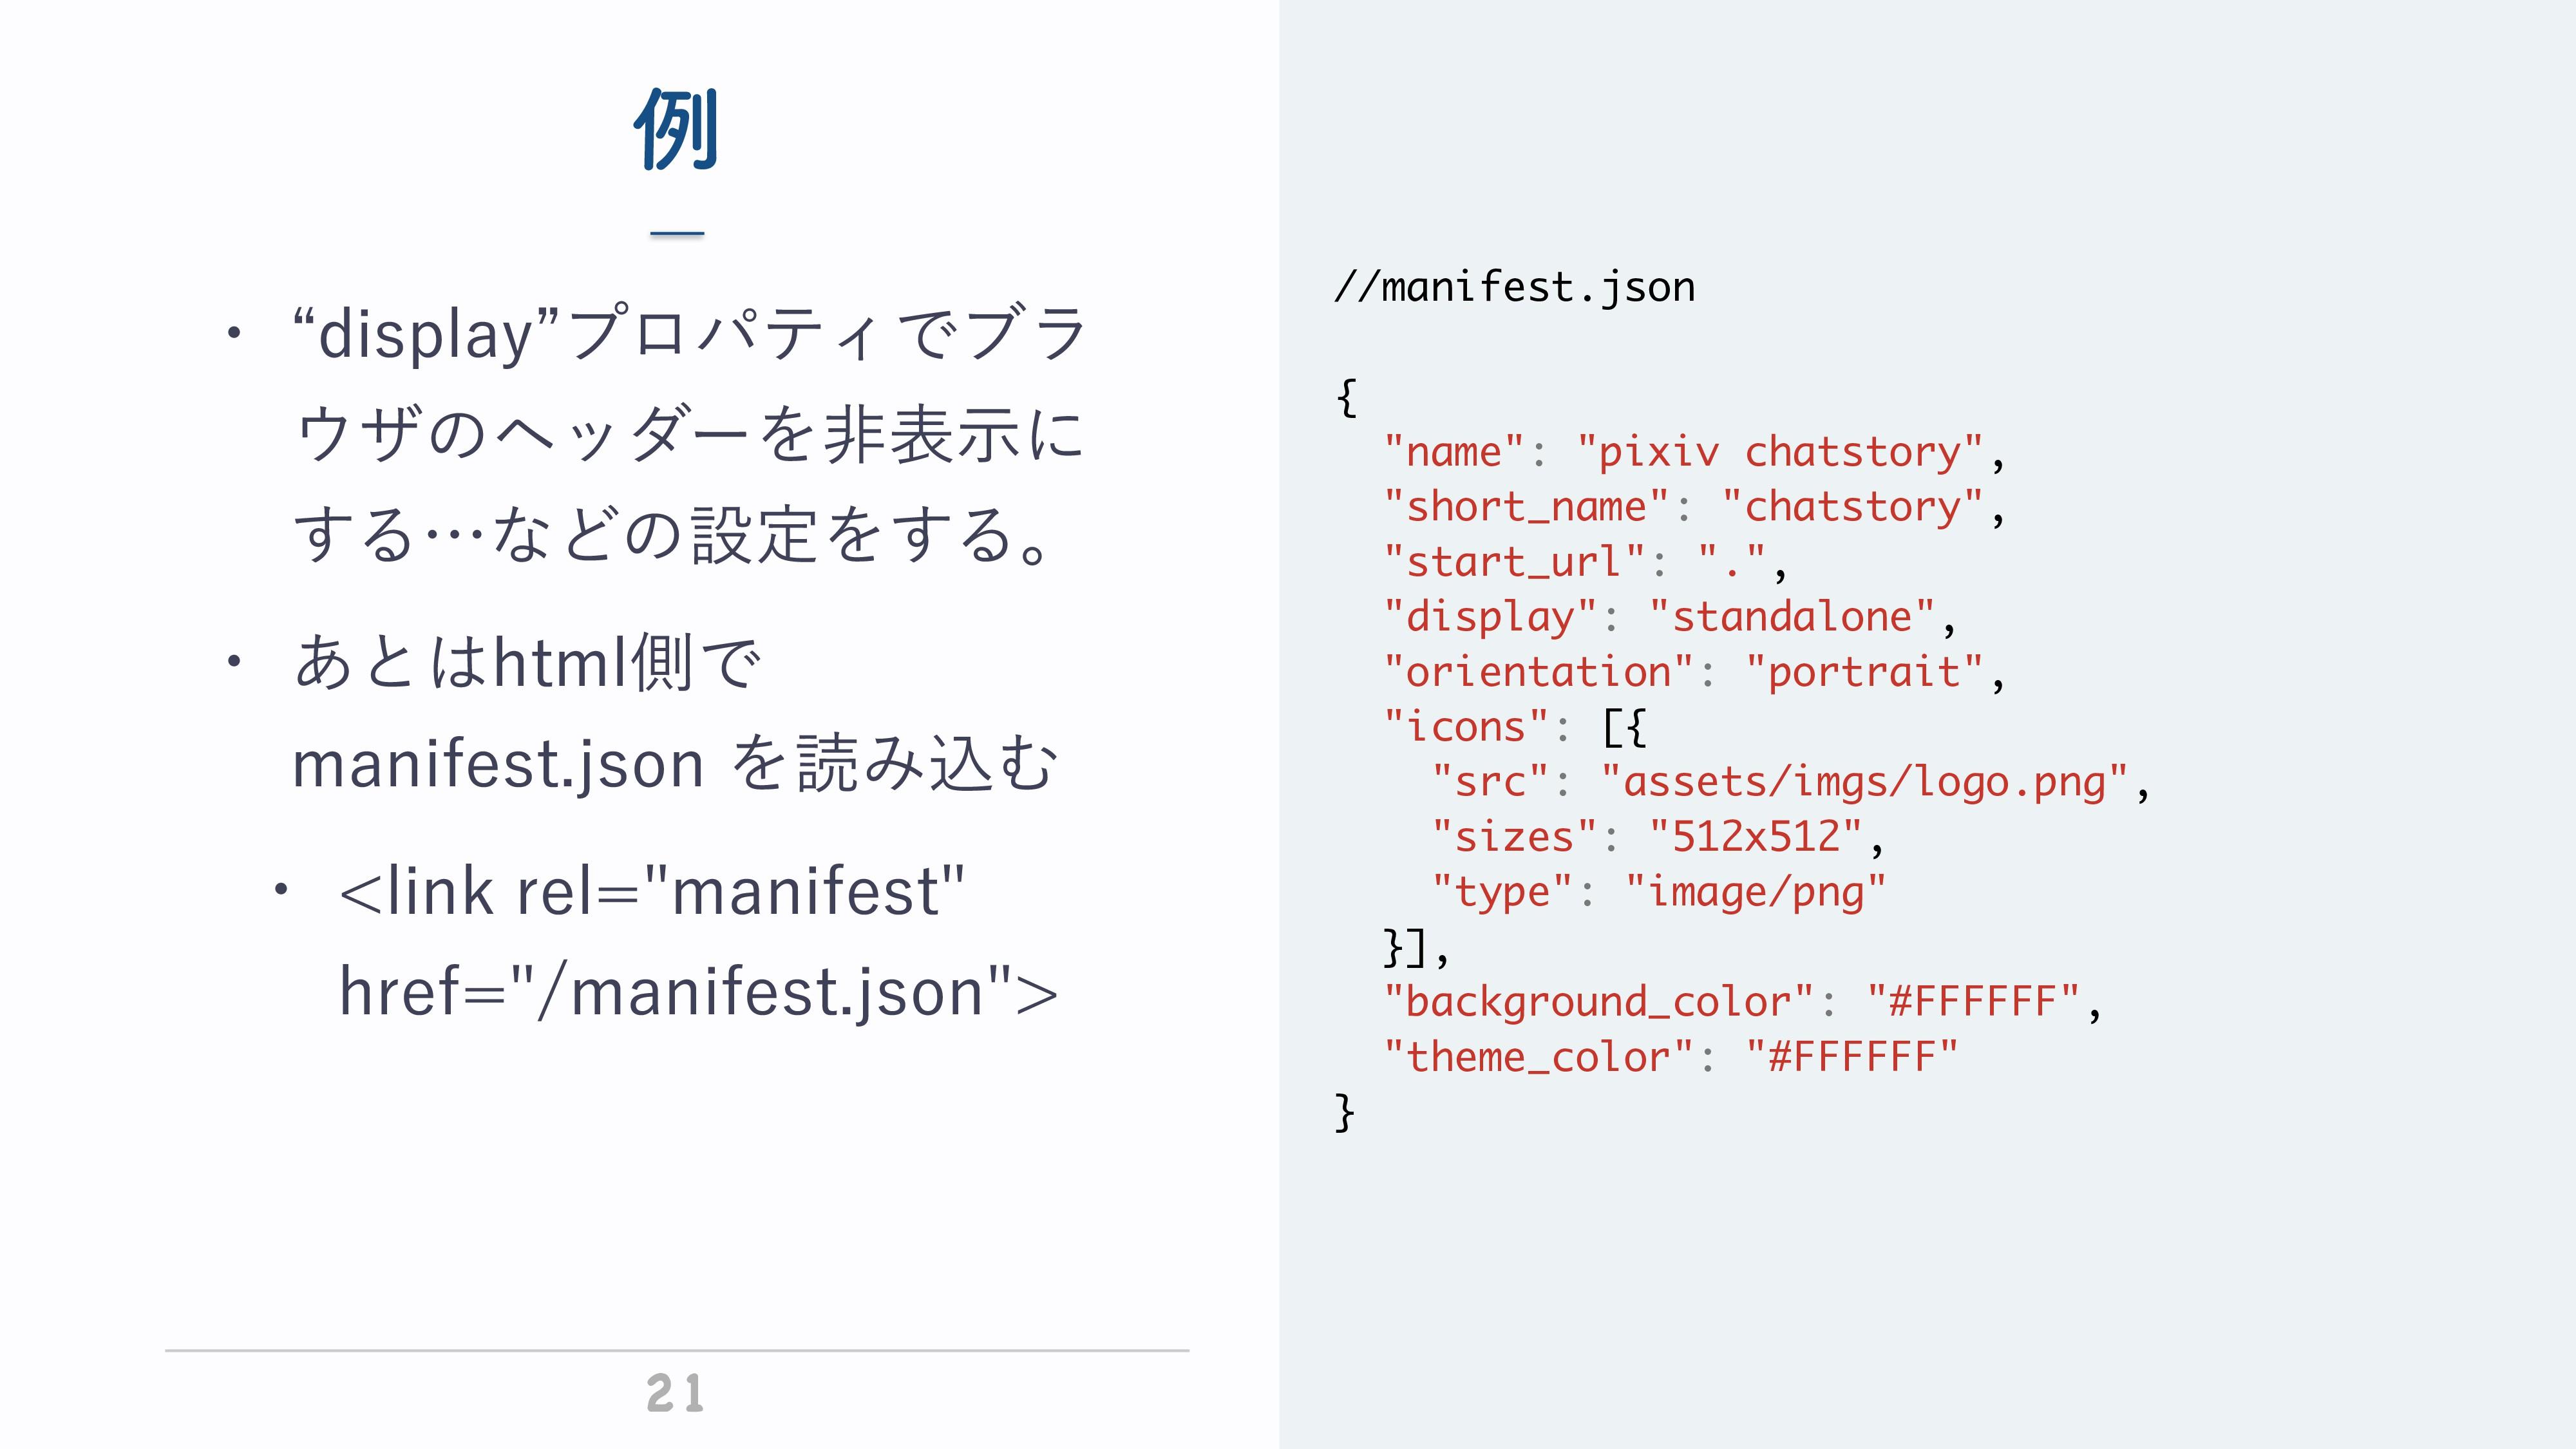 """ª 21 ྫ //manifest.json { """"name"""": """"pixiv chatsto..."""